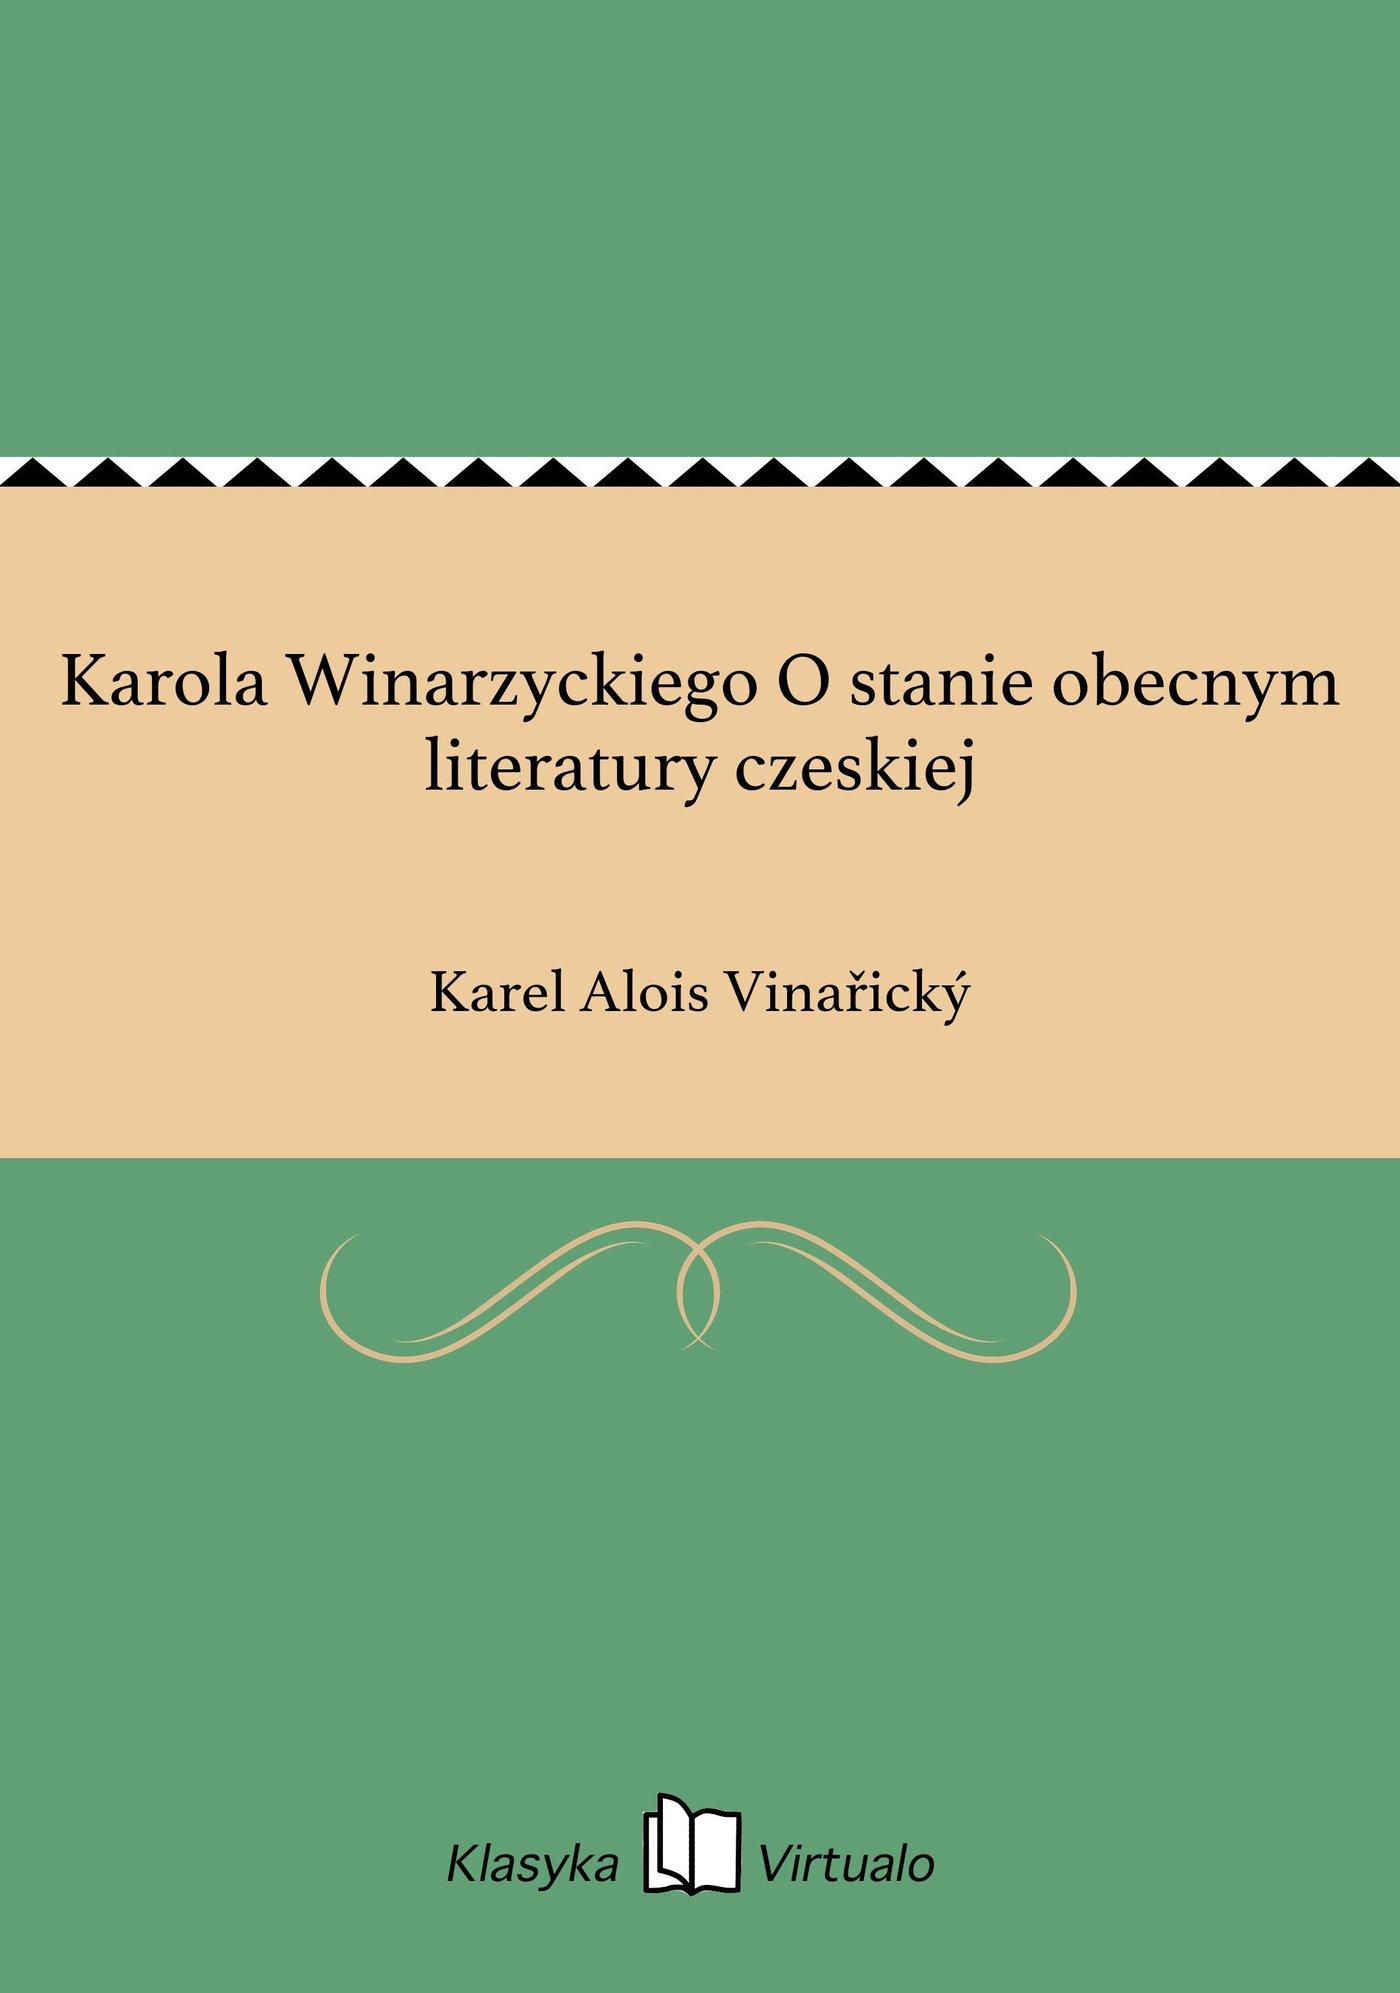 Karola Winarzyckiego O stanie obecnym literatury czeskiej - Ebook (Książka EPUB) do pobrania w formacie EPUB